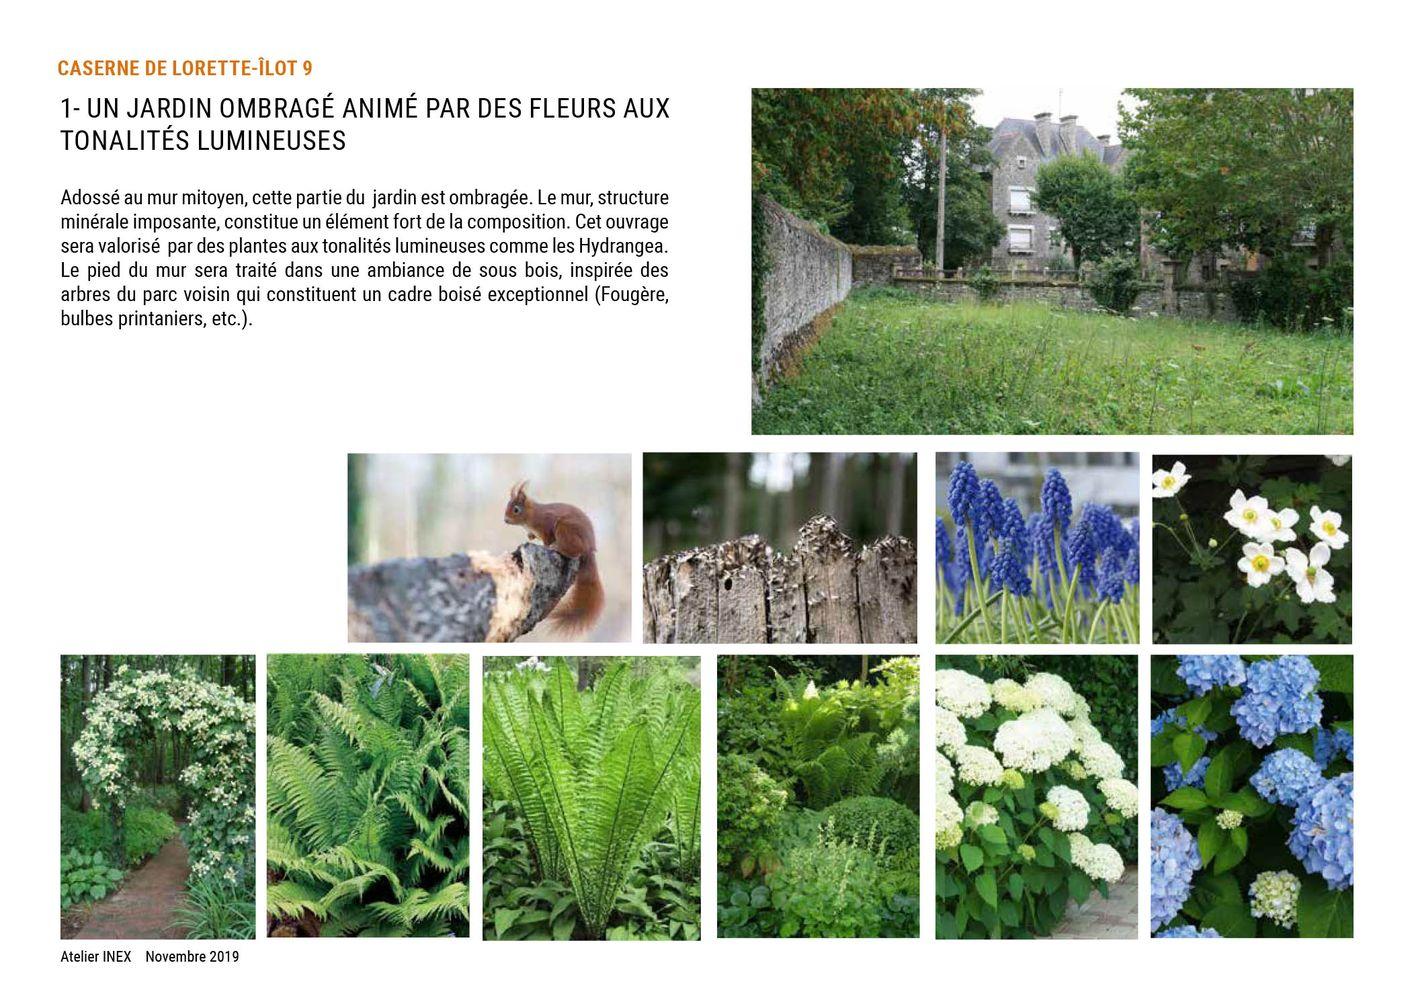 A l'échelle du quartier - Concevoir des projets - Un jardin Caserne de Lorette